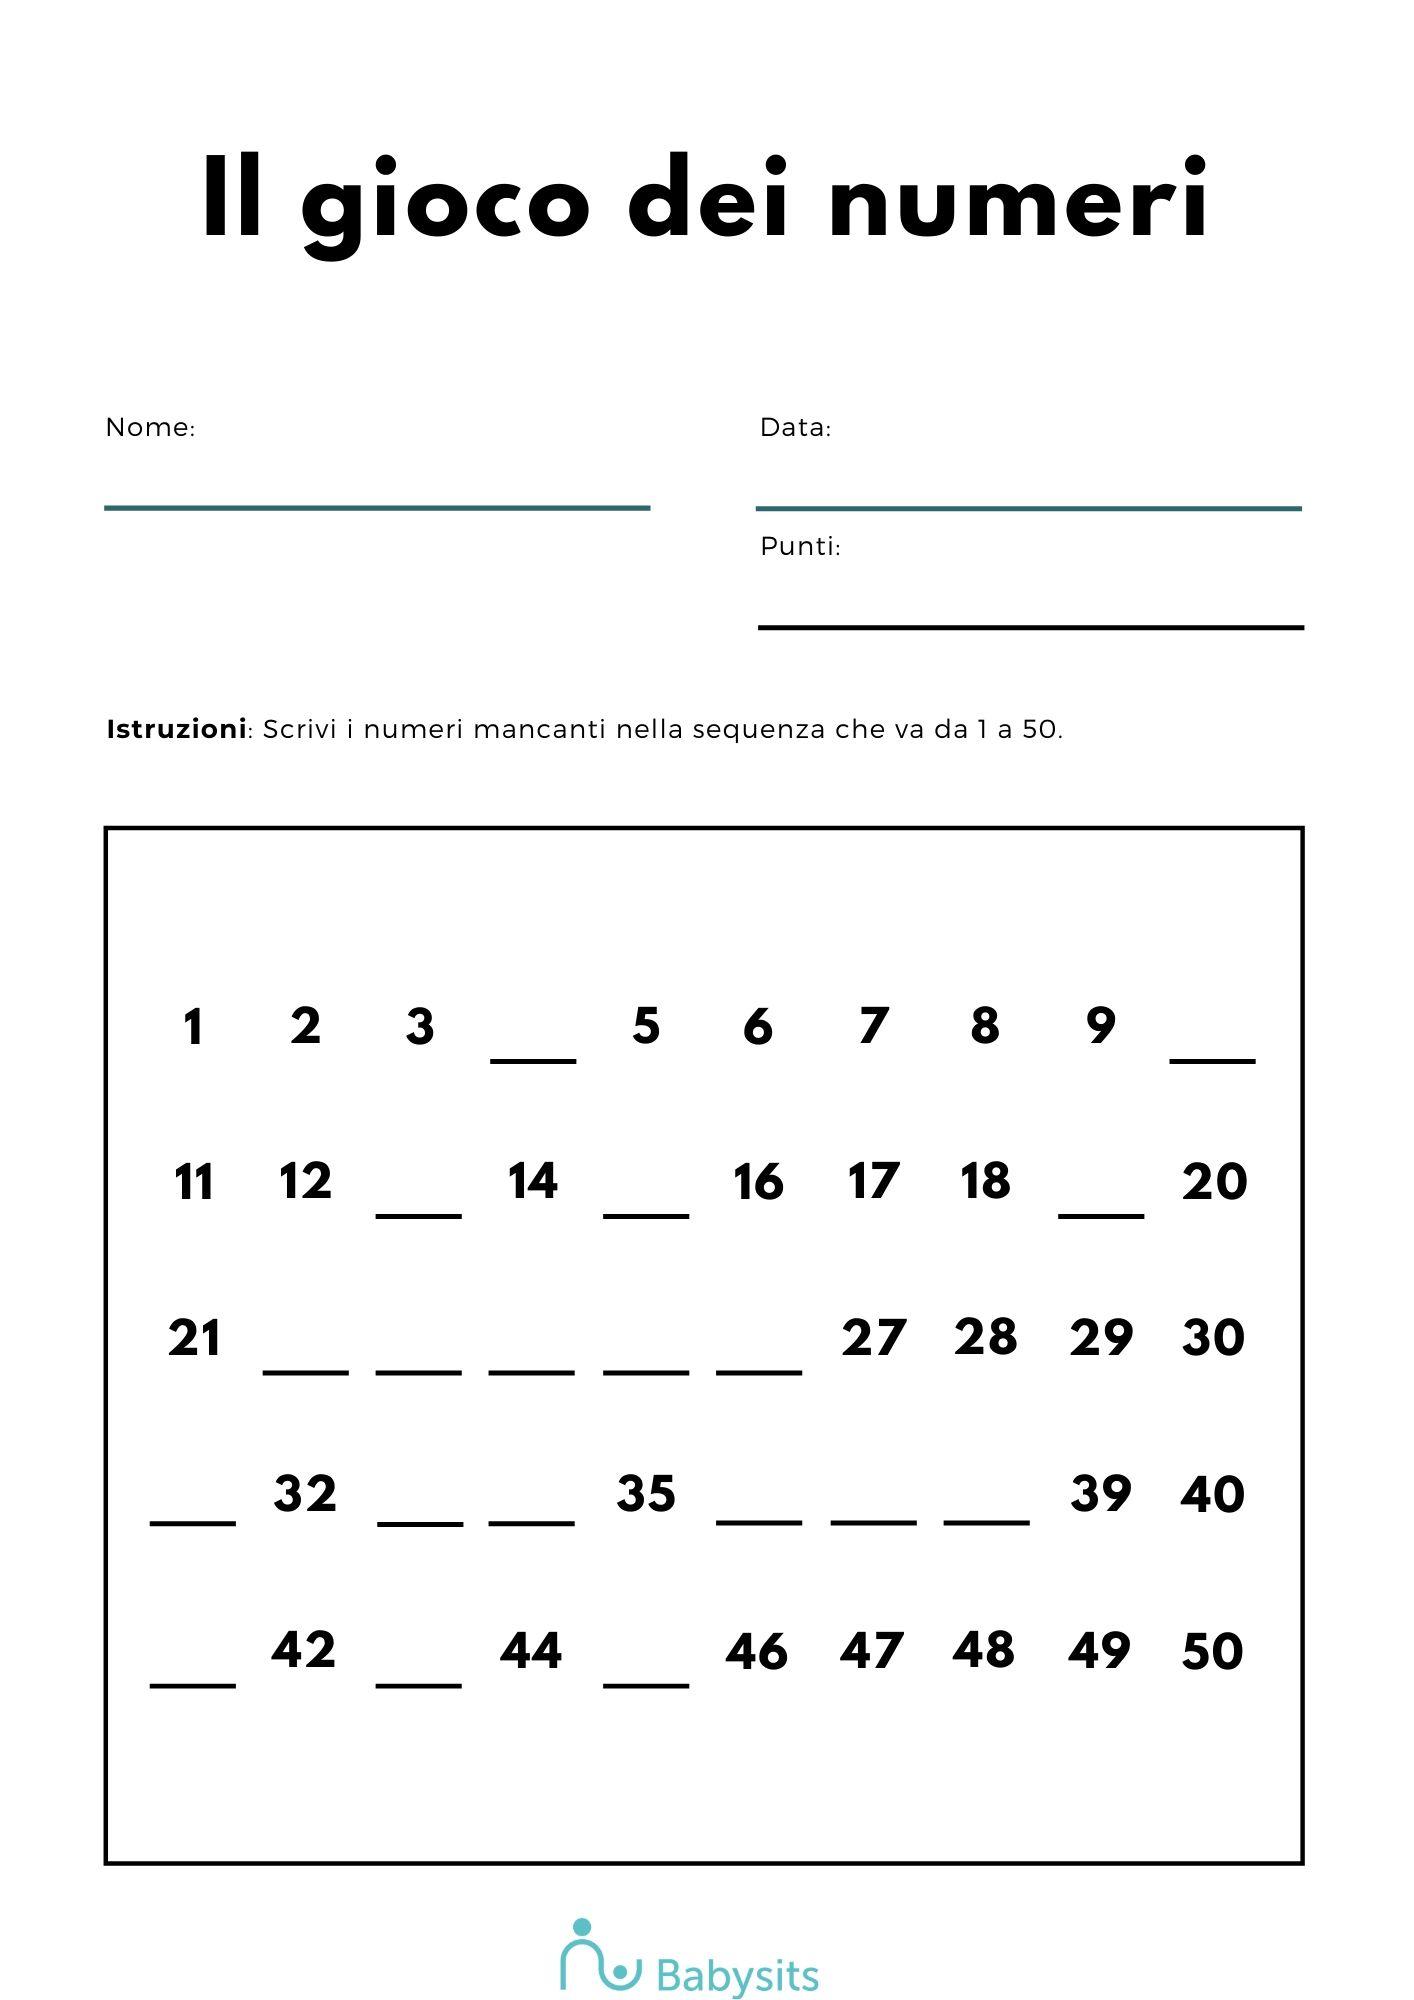 completa la sequenza di numeri inserendo quelli mancanti